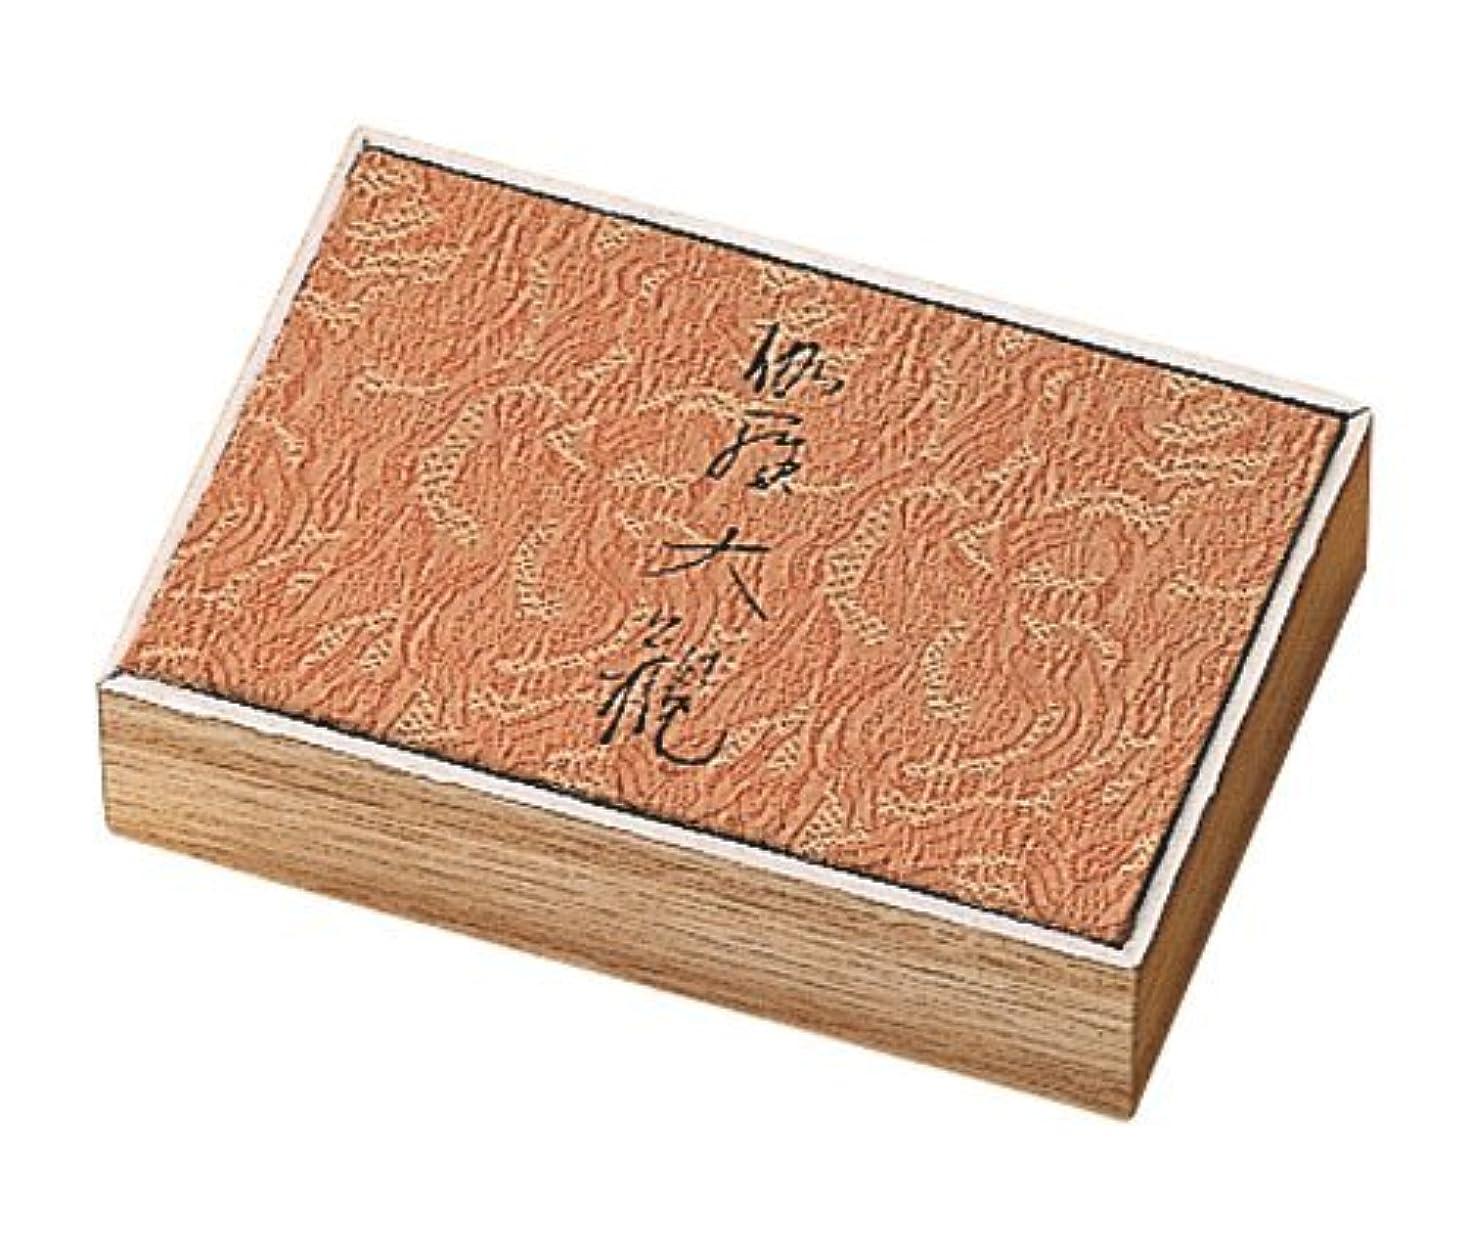 航空機ボード解釈的香木の香りのお香 伽羅大観 スティック120本入